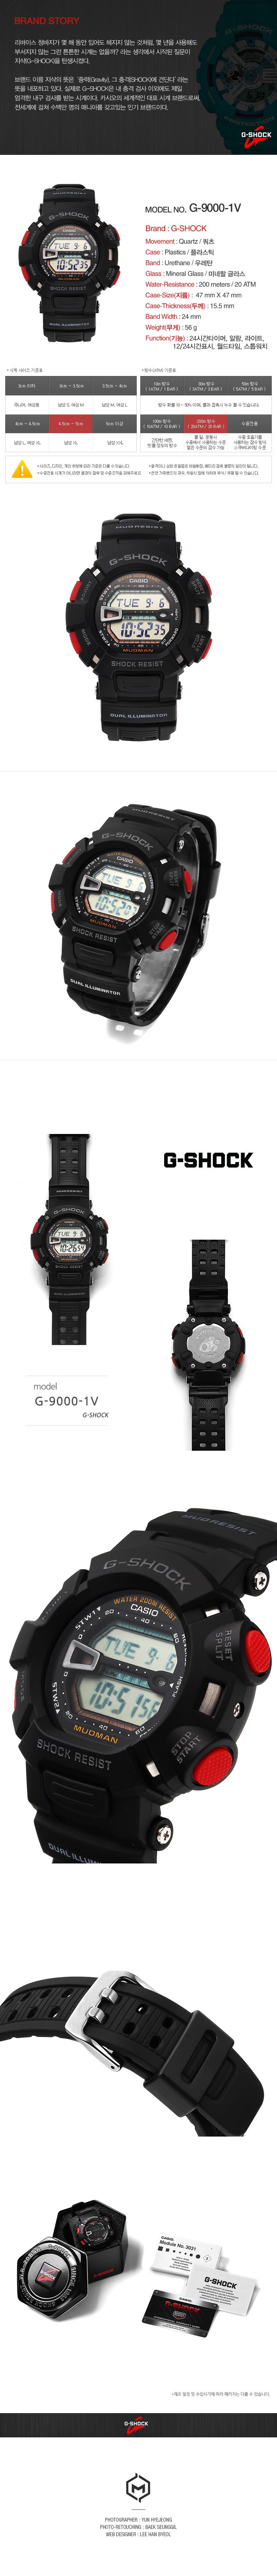 지샥 G-SHOCK G-9000-1V MUDMAN 머드맨 남성 우레탄시계